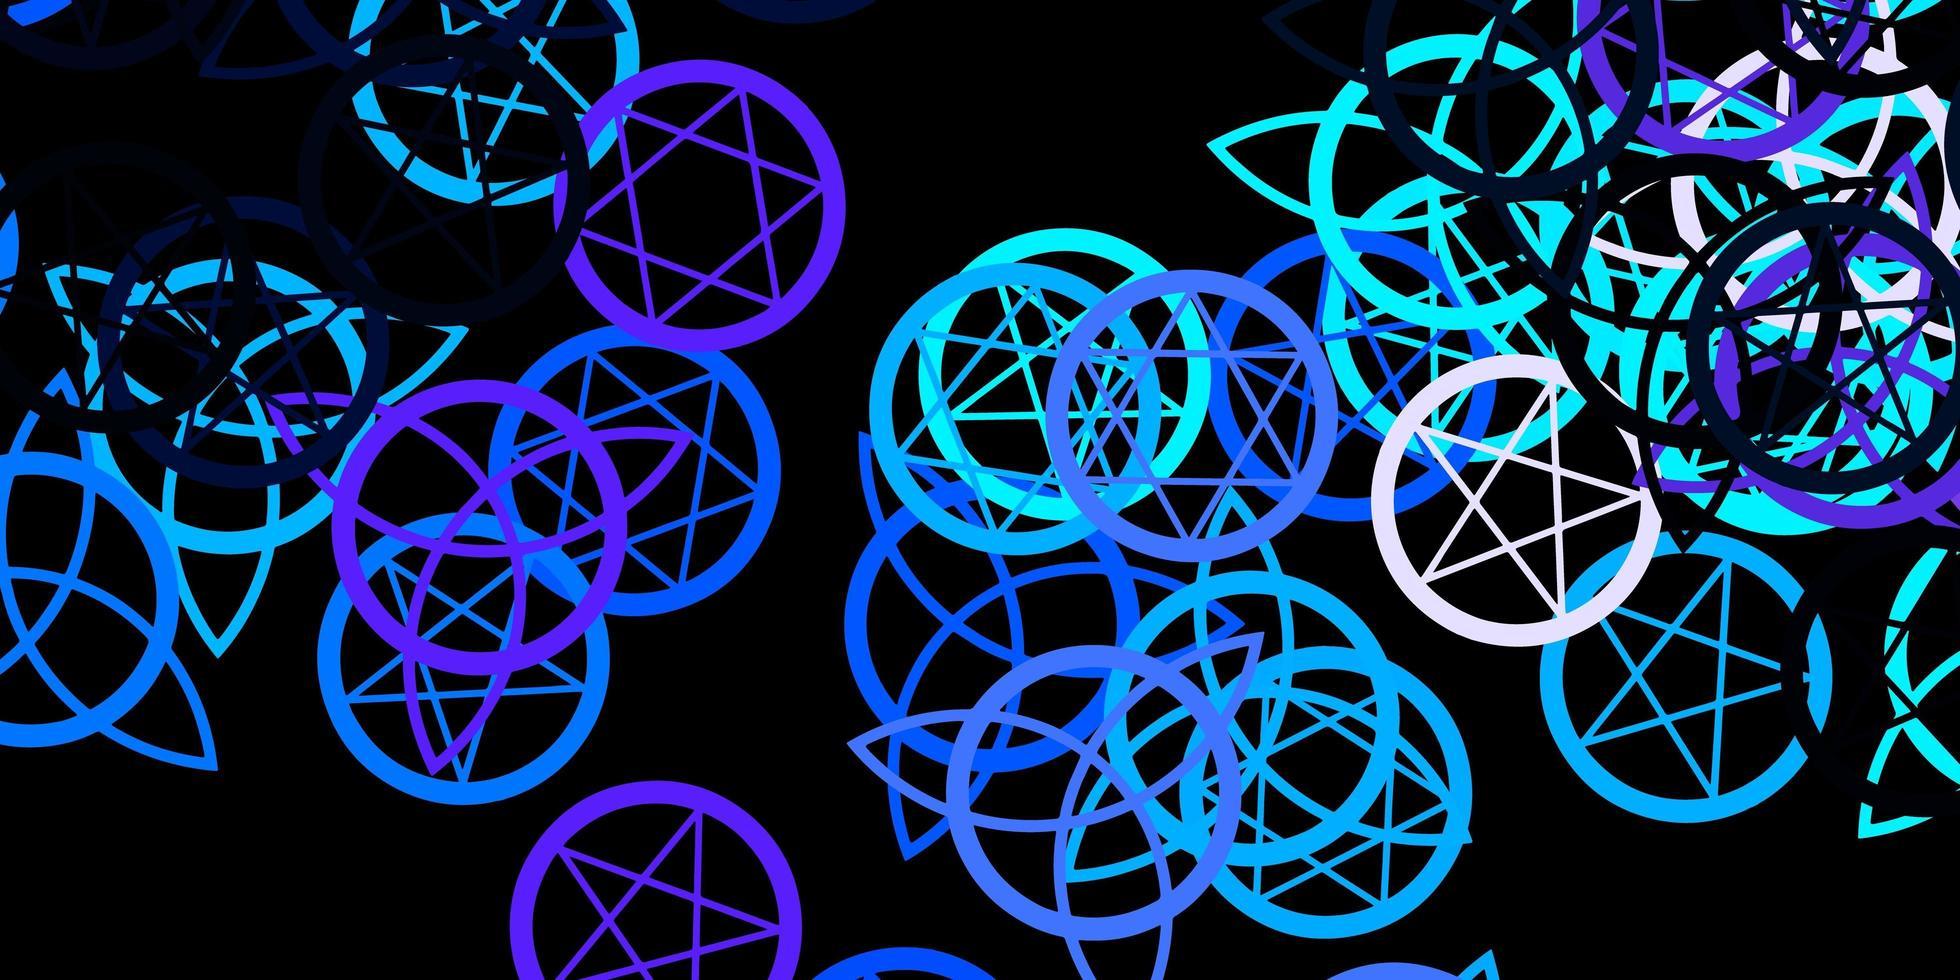 dunkelrosa, blaue Schablone mit esoterischen Zeichen vektor